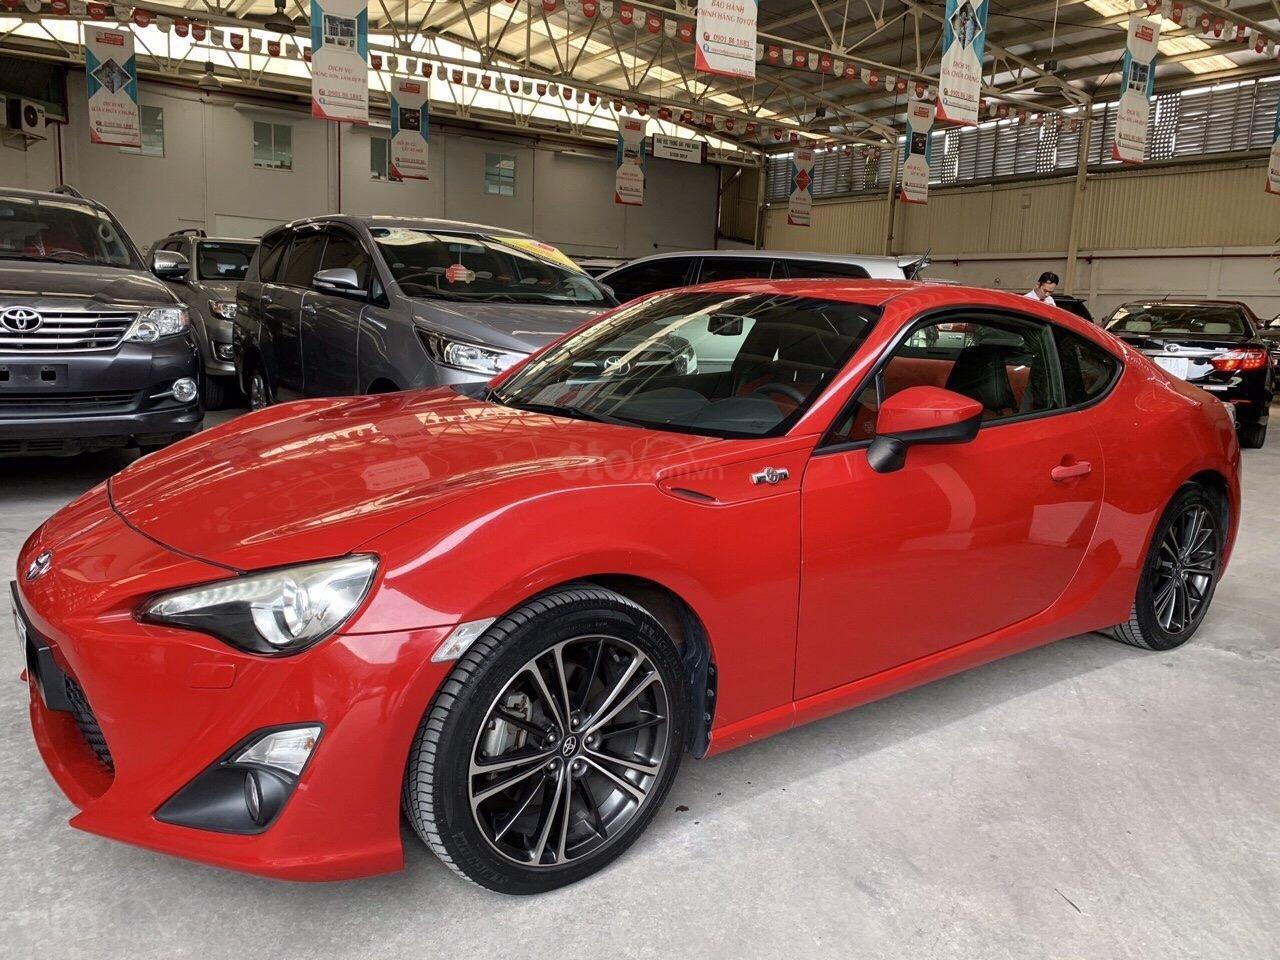 Bán Toyota FT86 Sport 2012 đăng ký 2015, xe nhập hãng Toyota, mẫu xe thể thao hiếm trên thị trường, bảo hành chính hãng (1)